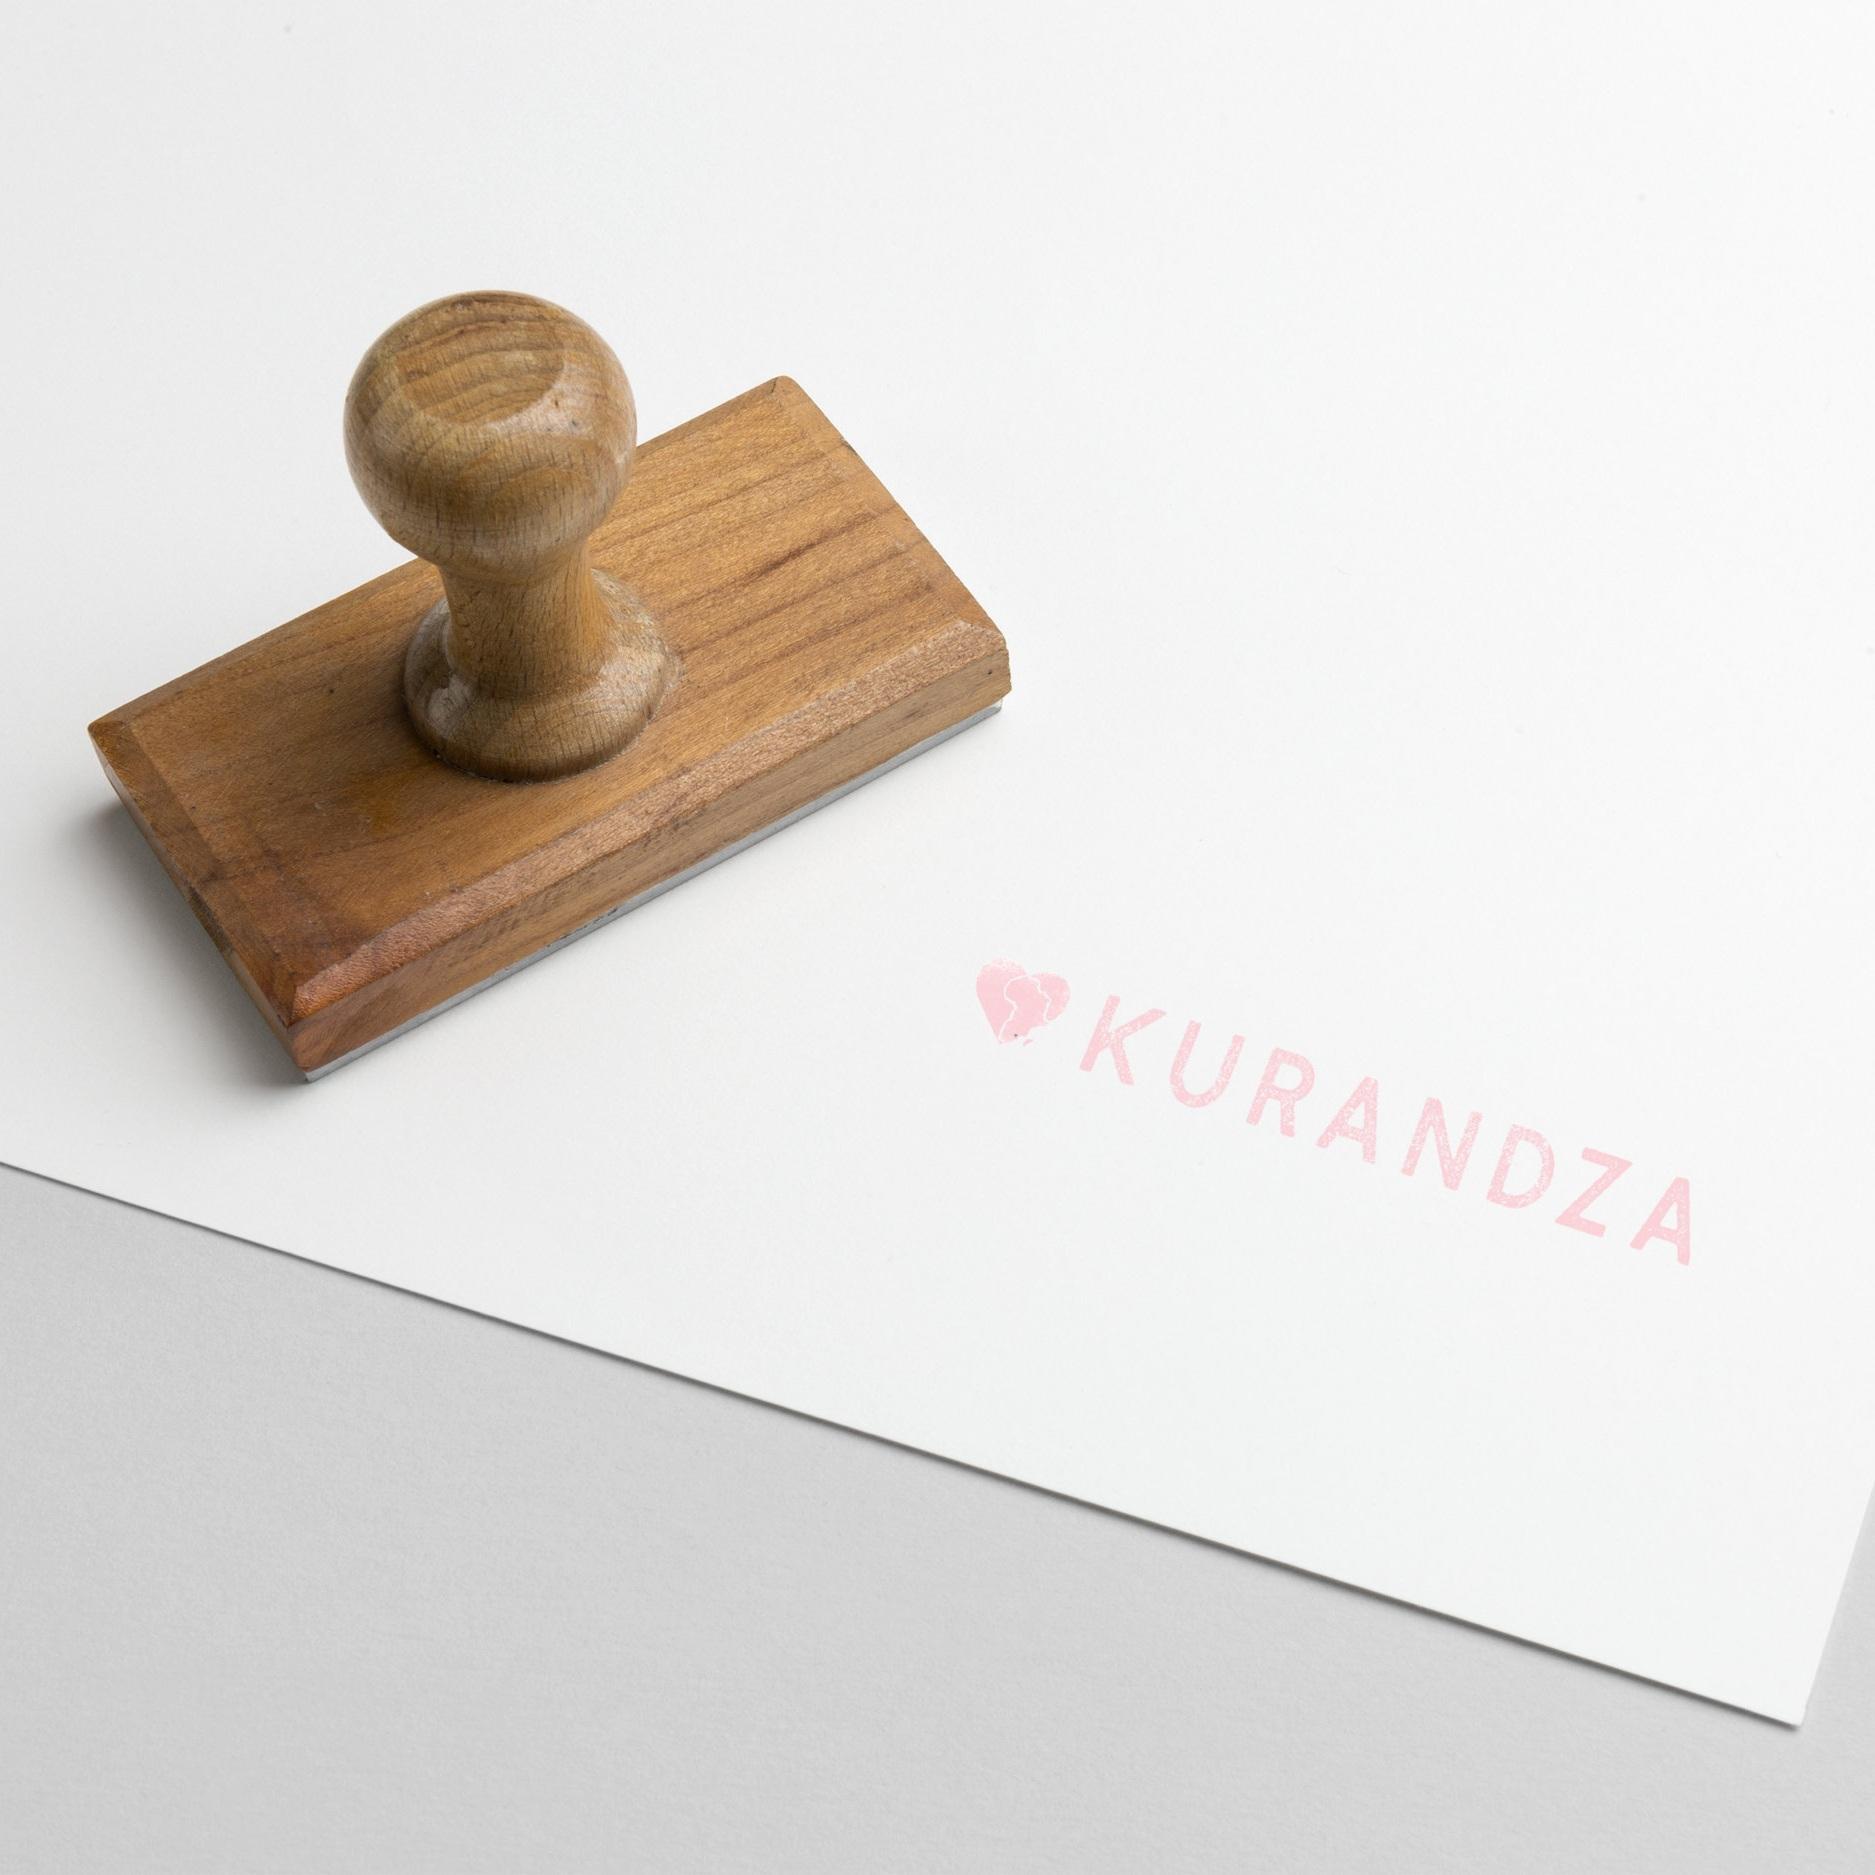 Kurandza - Logo Design